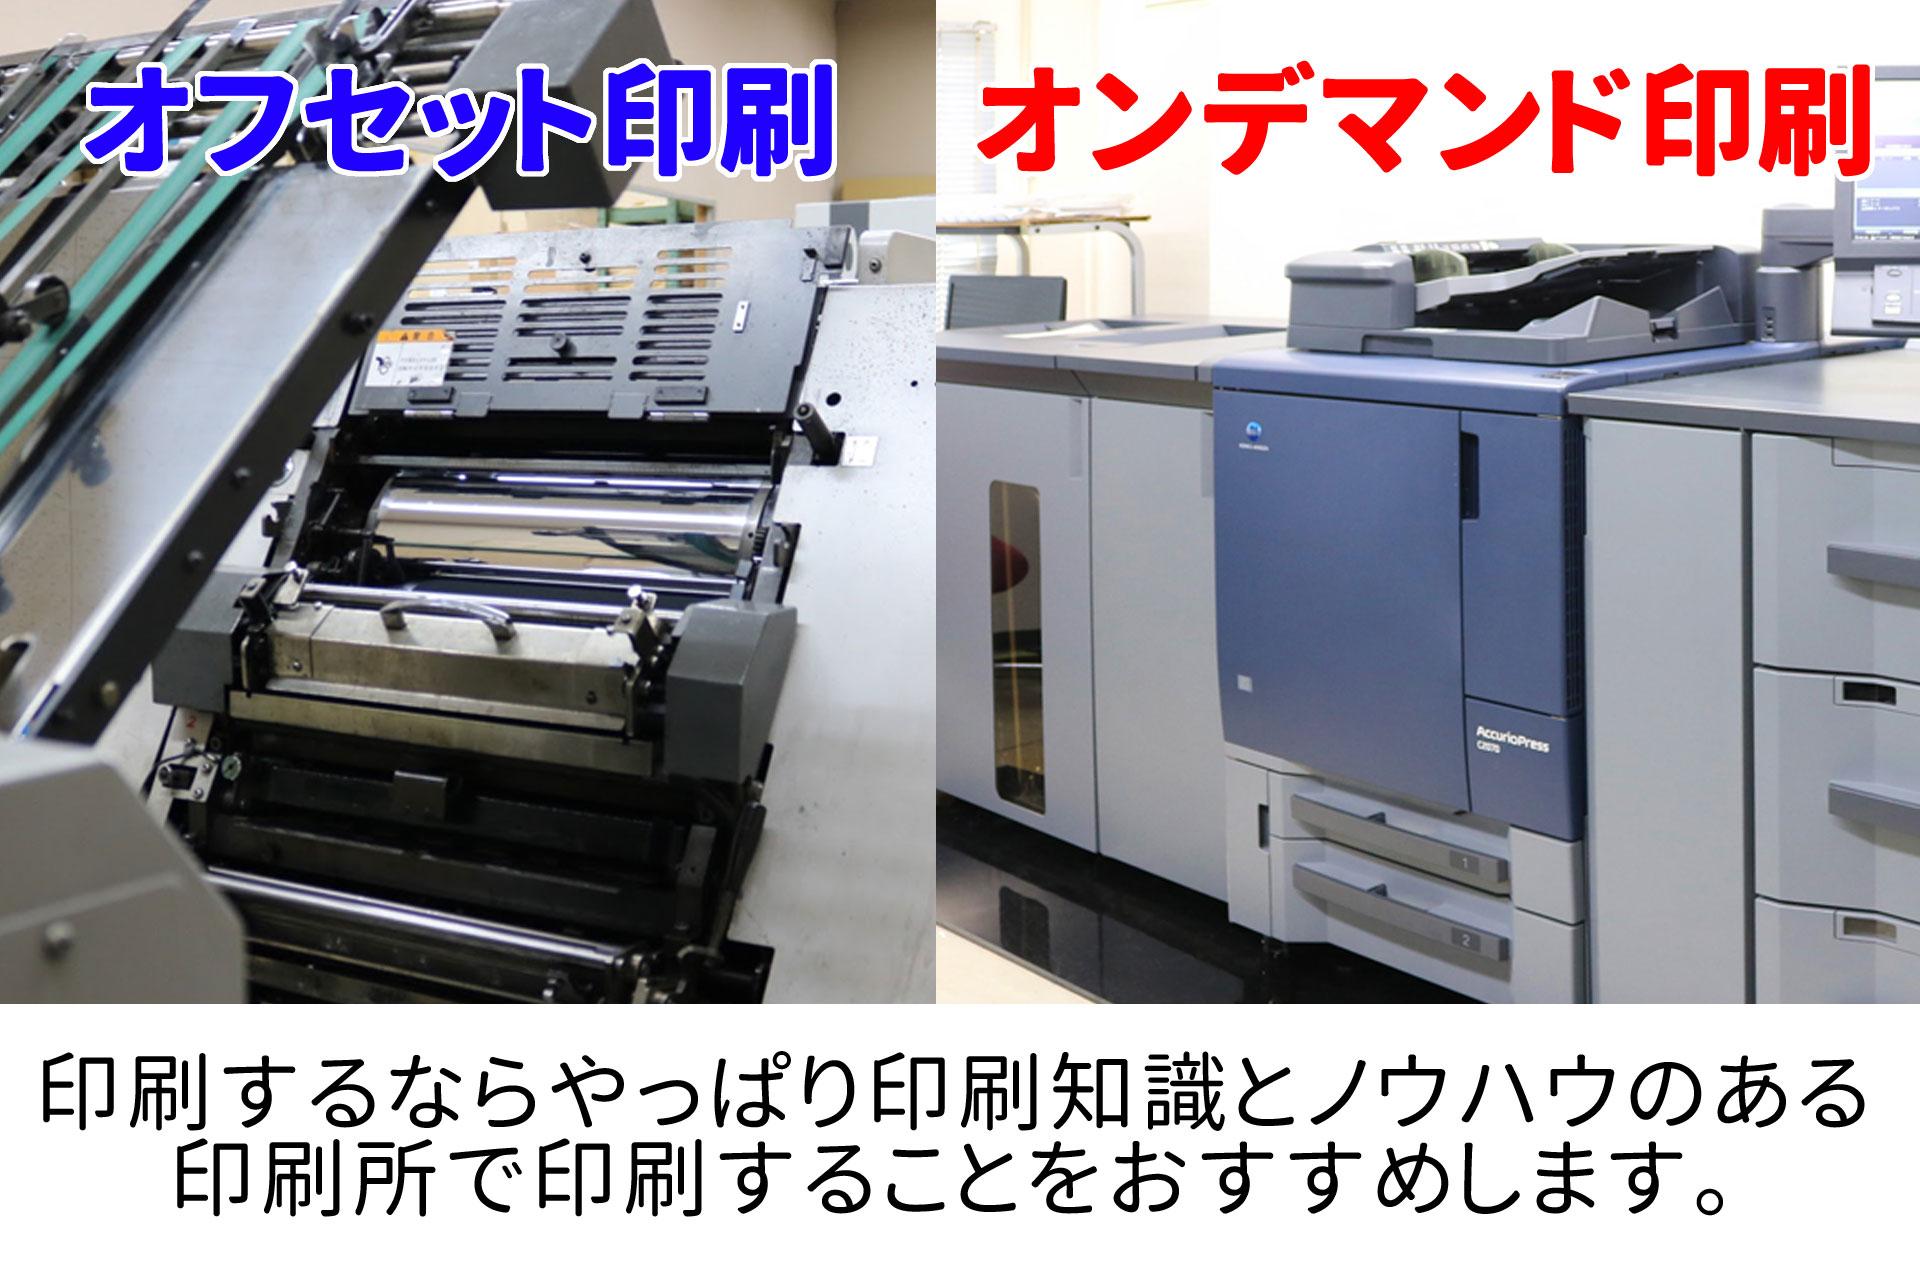 同人誌を印刷する方法とは?|大阪の同人誌印刷所がお答えします